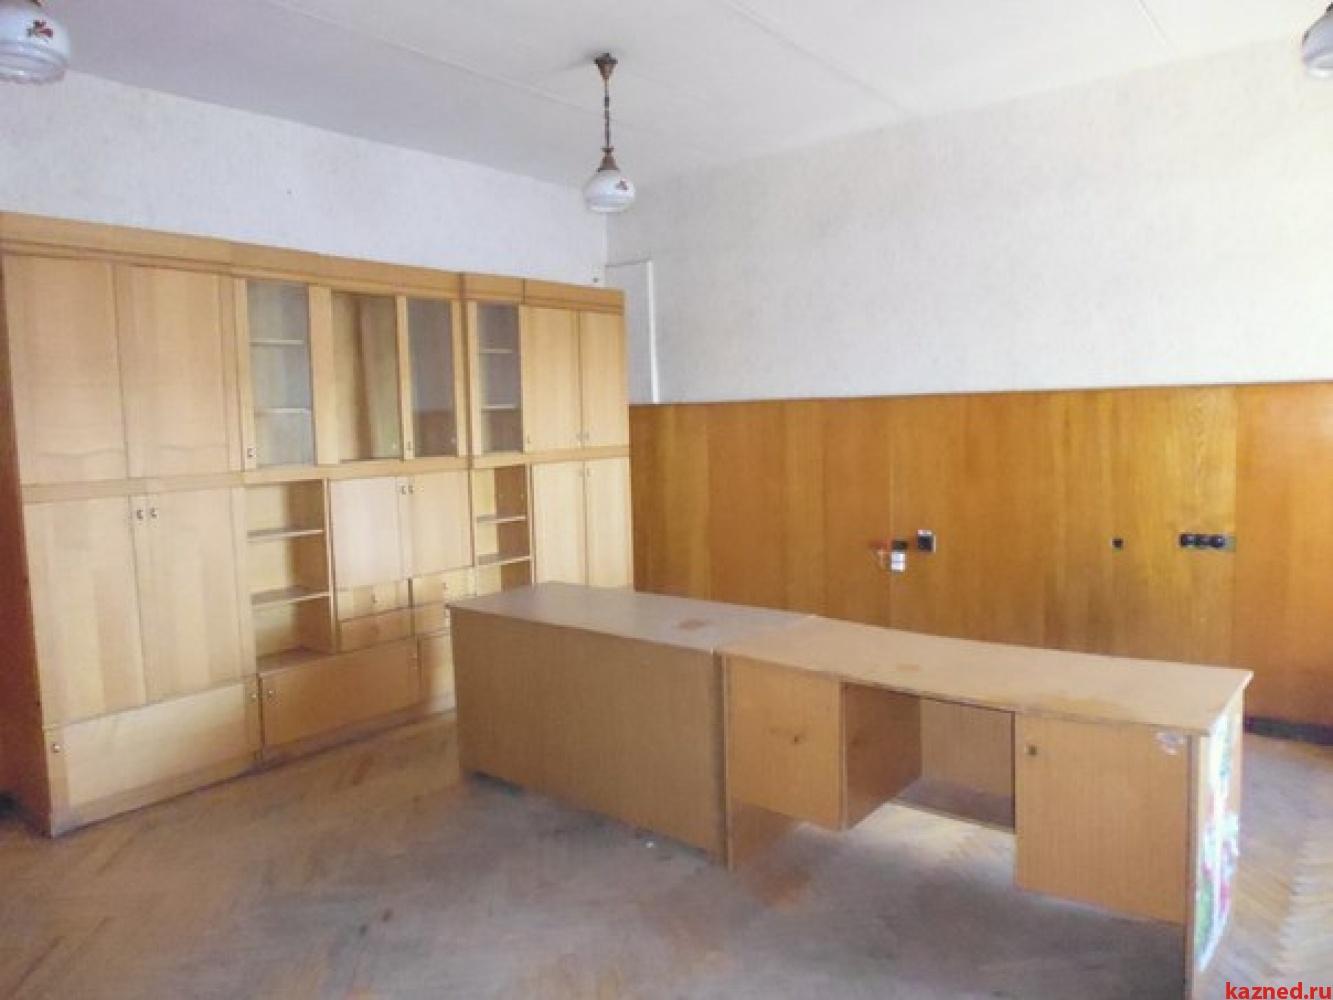 Аренда офисно-торговое помещение Родины, 26, 39 м2  (миниатюра №2)